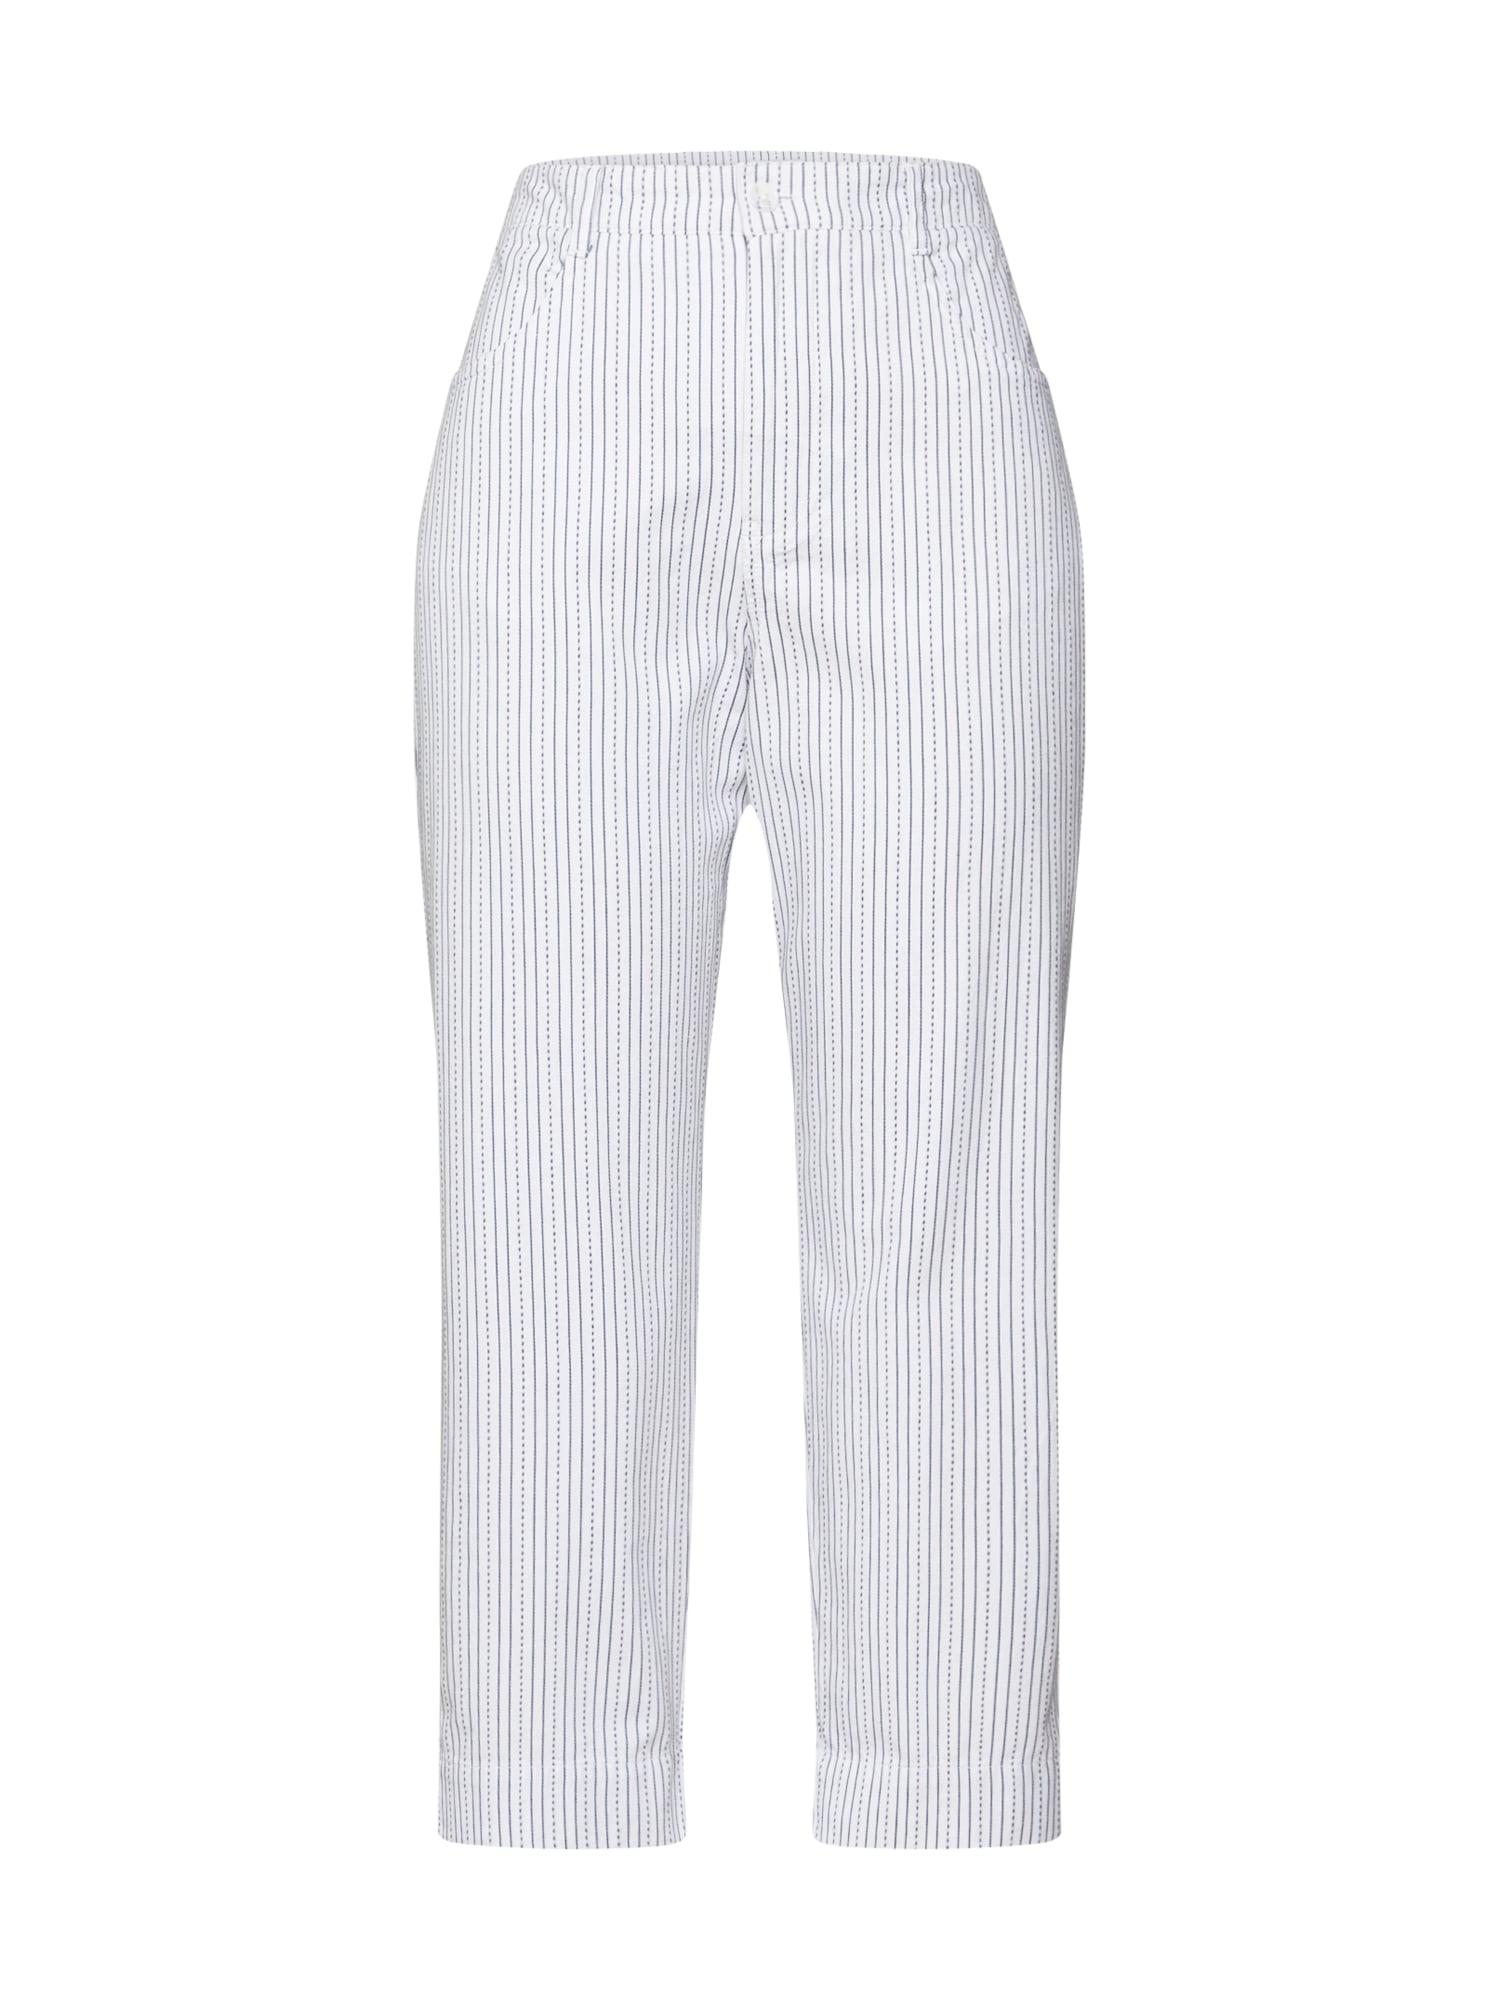 Kalhoty Rumi šedá bílá ELEMENT